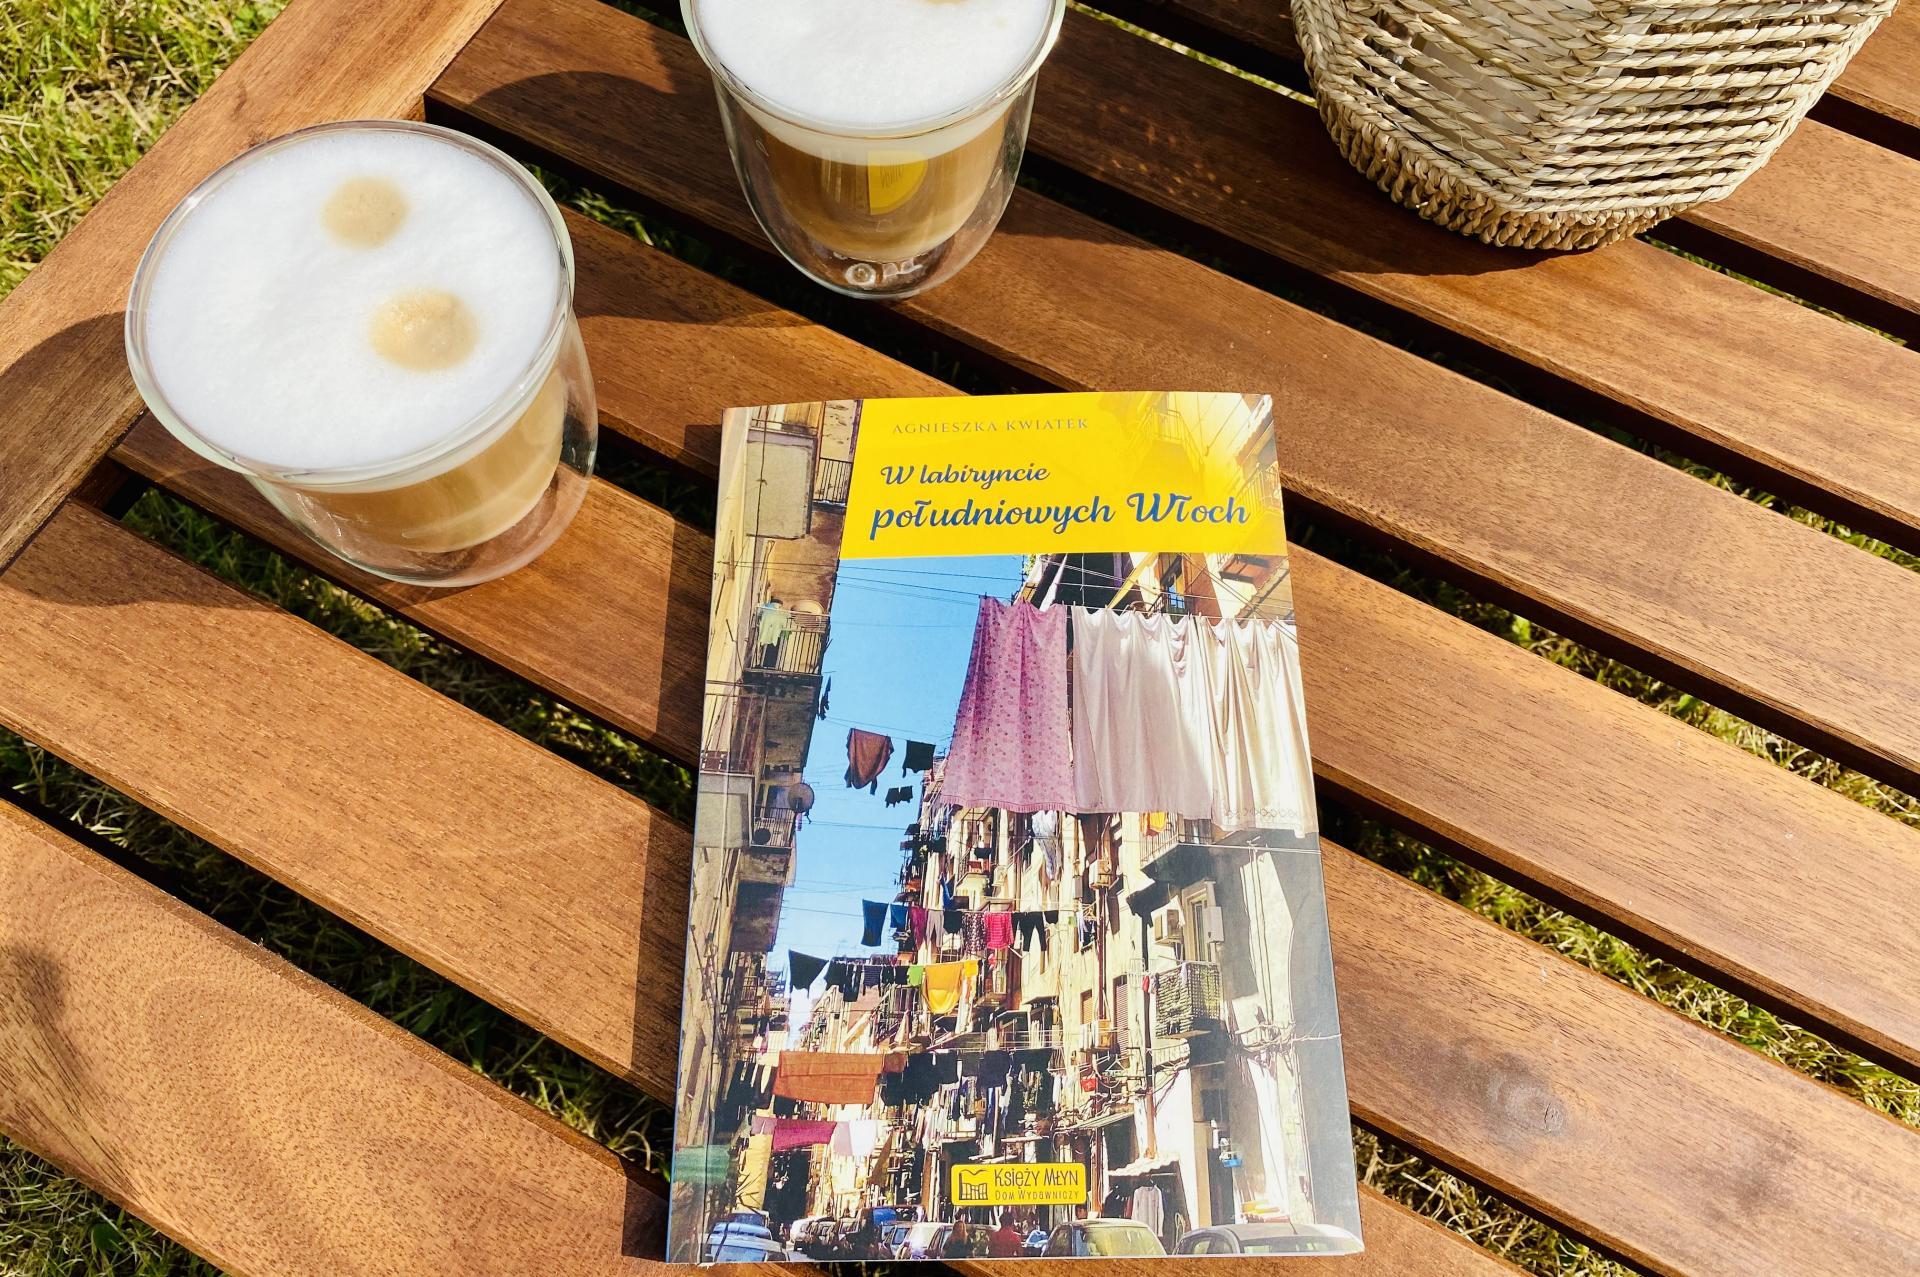 """""""W labiryncie południowych Włoch"""" - debiutancka książka Agnieszki Kwiatek o prawdziwym życiu na południu Włoch"""